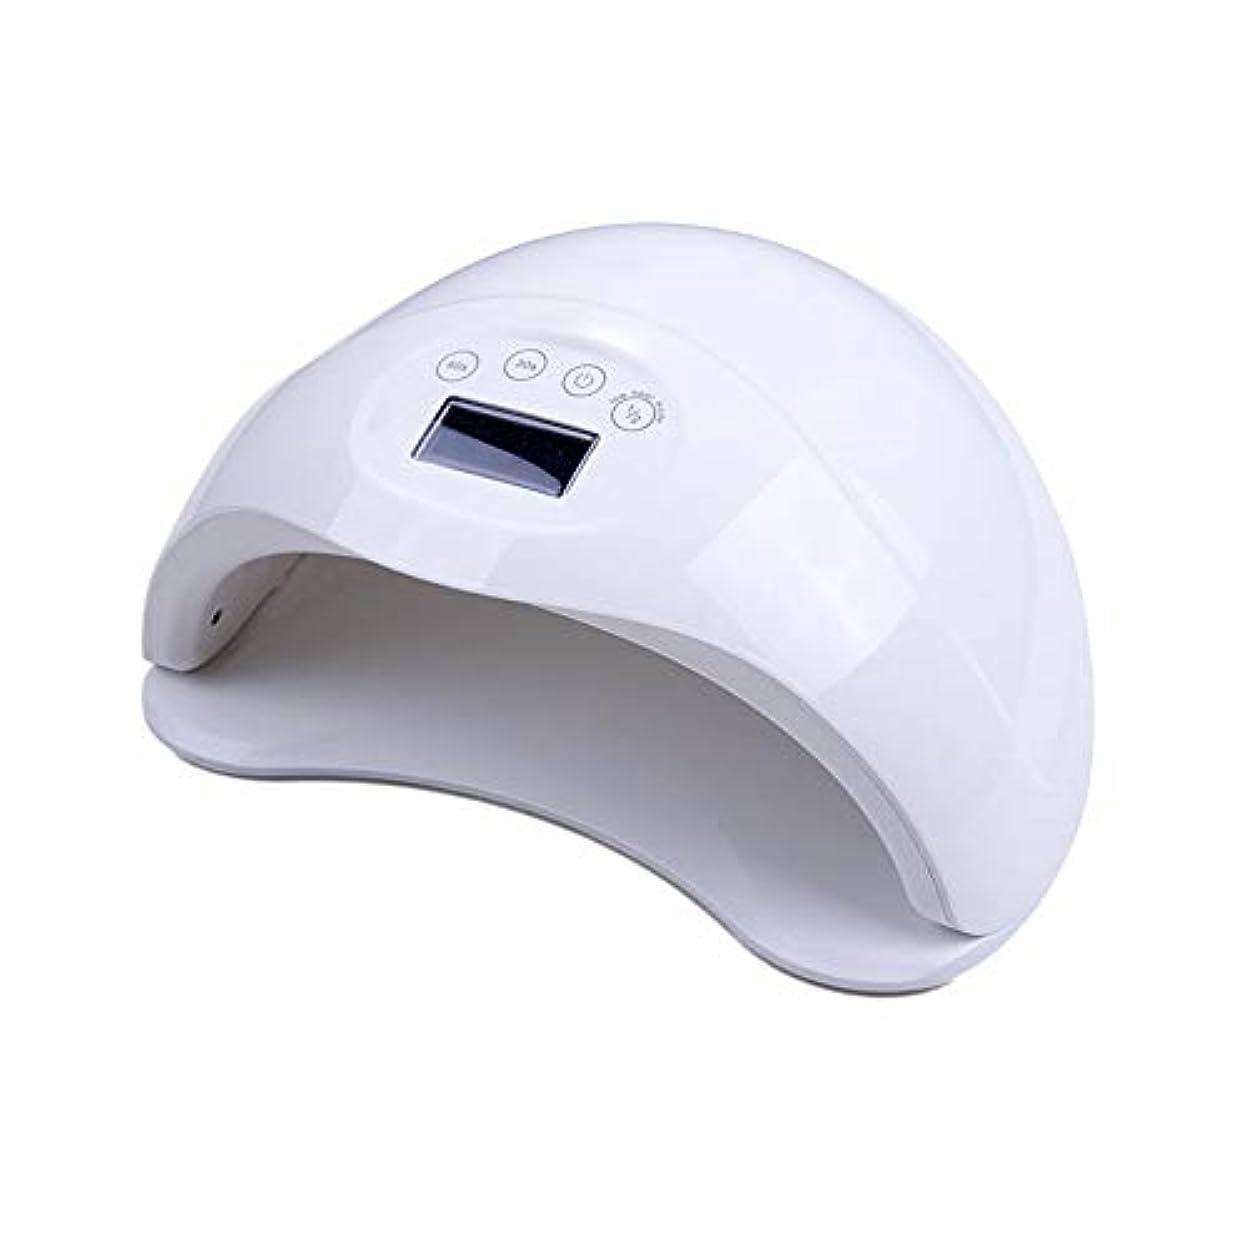 経歴すり虚偽48Wネイルドライヤー、LEDジェル、UVランプネイルマシンのすべての種類のダブルUV LEDランプ、スマートタイマーLCD表示ツール